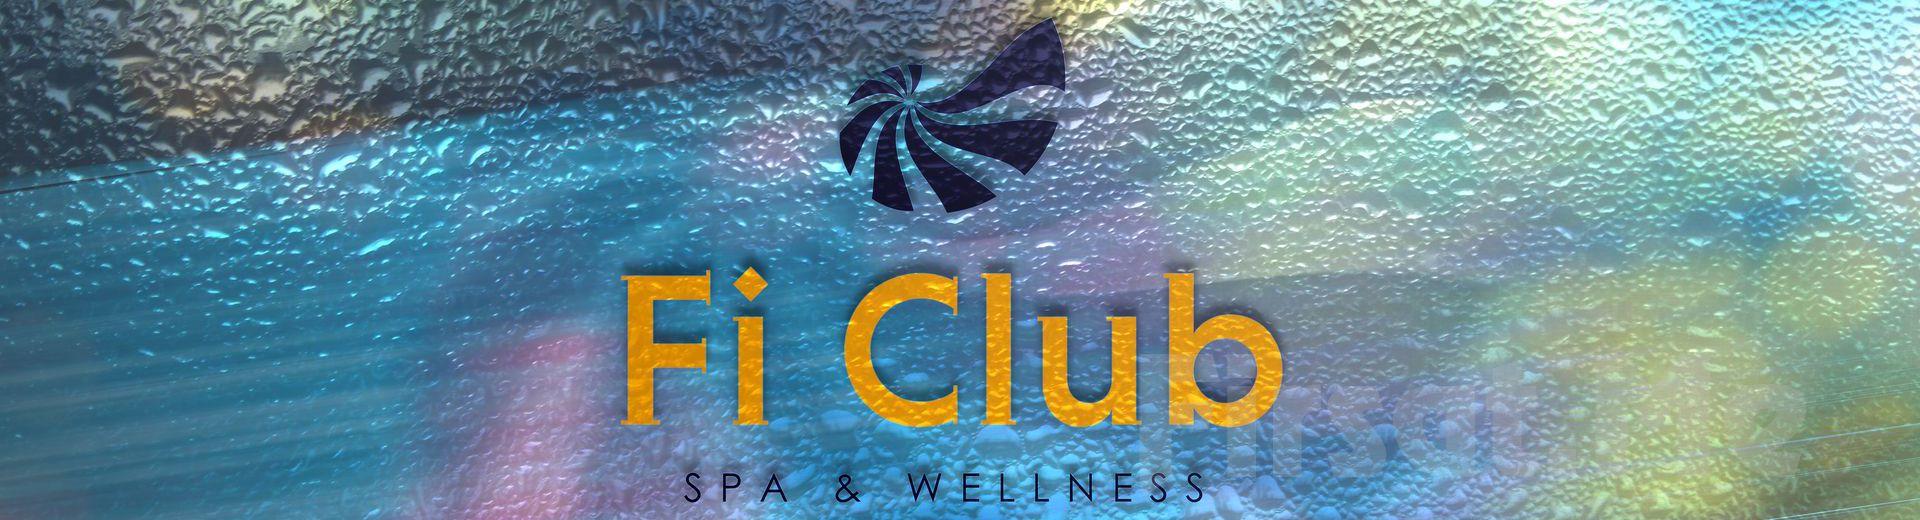 Fi Club Spa & Wellness Kartepe'de Masaj, Kese-Köpük, Hamam ve Islak Alan Kullanımı Seçenekleri